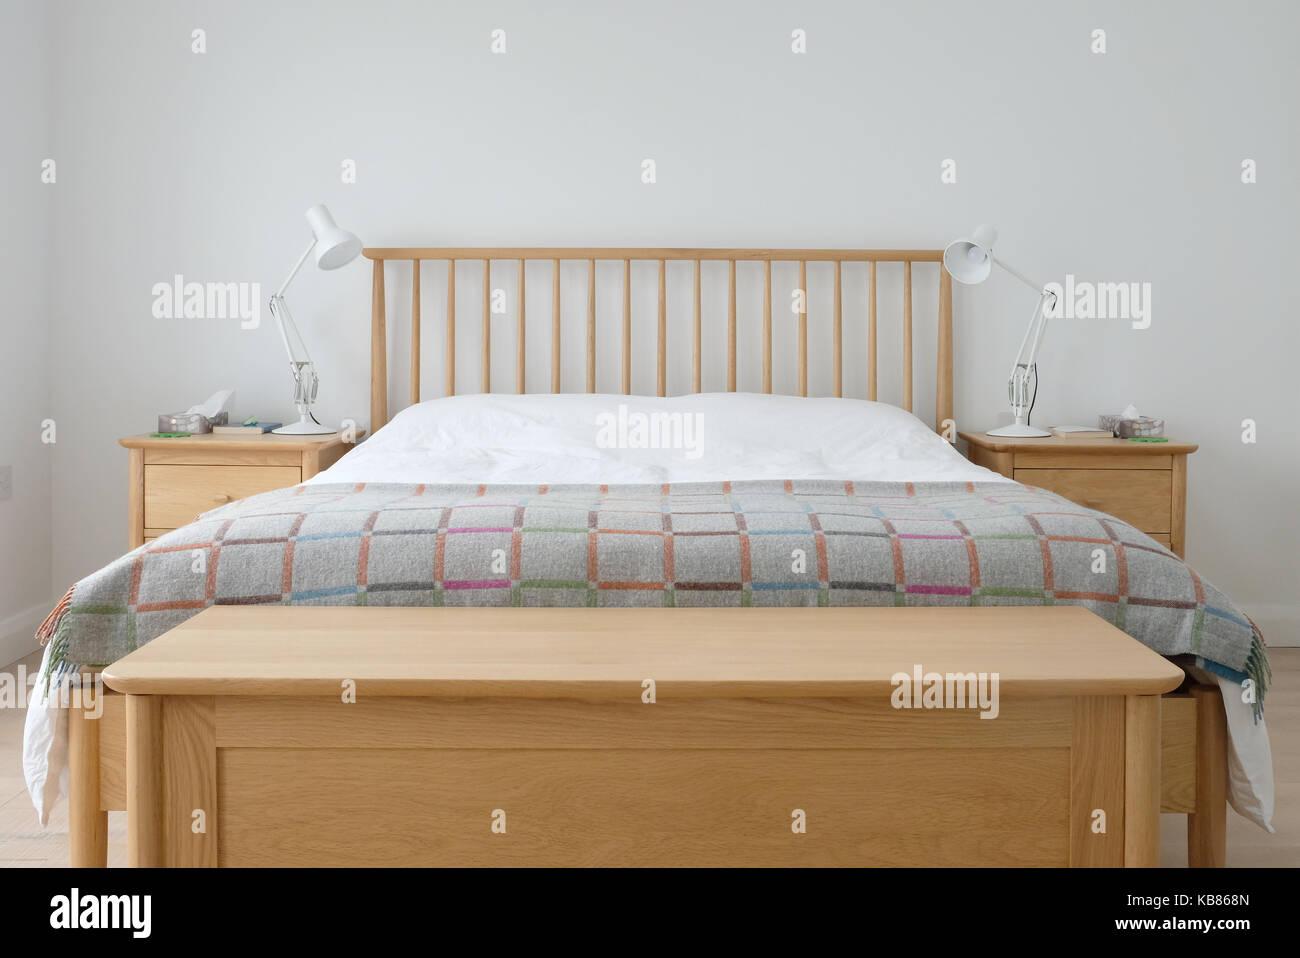 Camera Da Letto Bianca Pareti : Scandinavian ispirato interiore camera da letto che mostra la